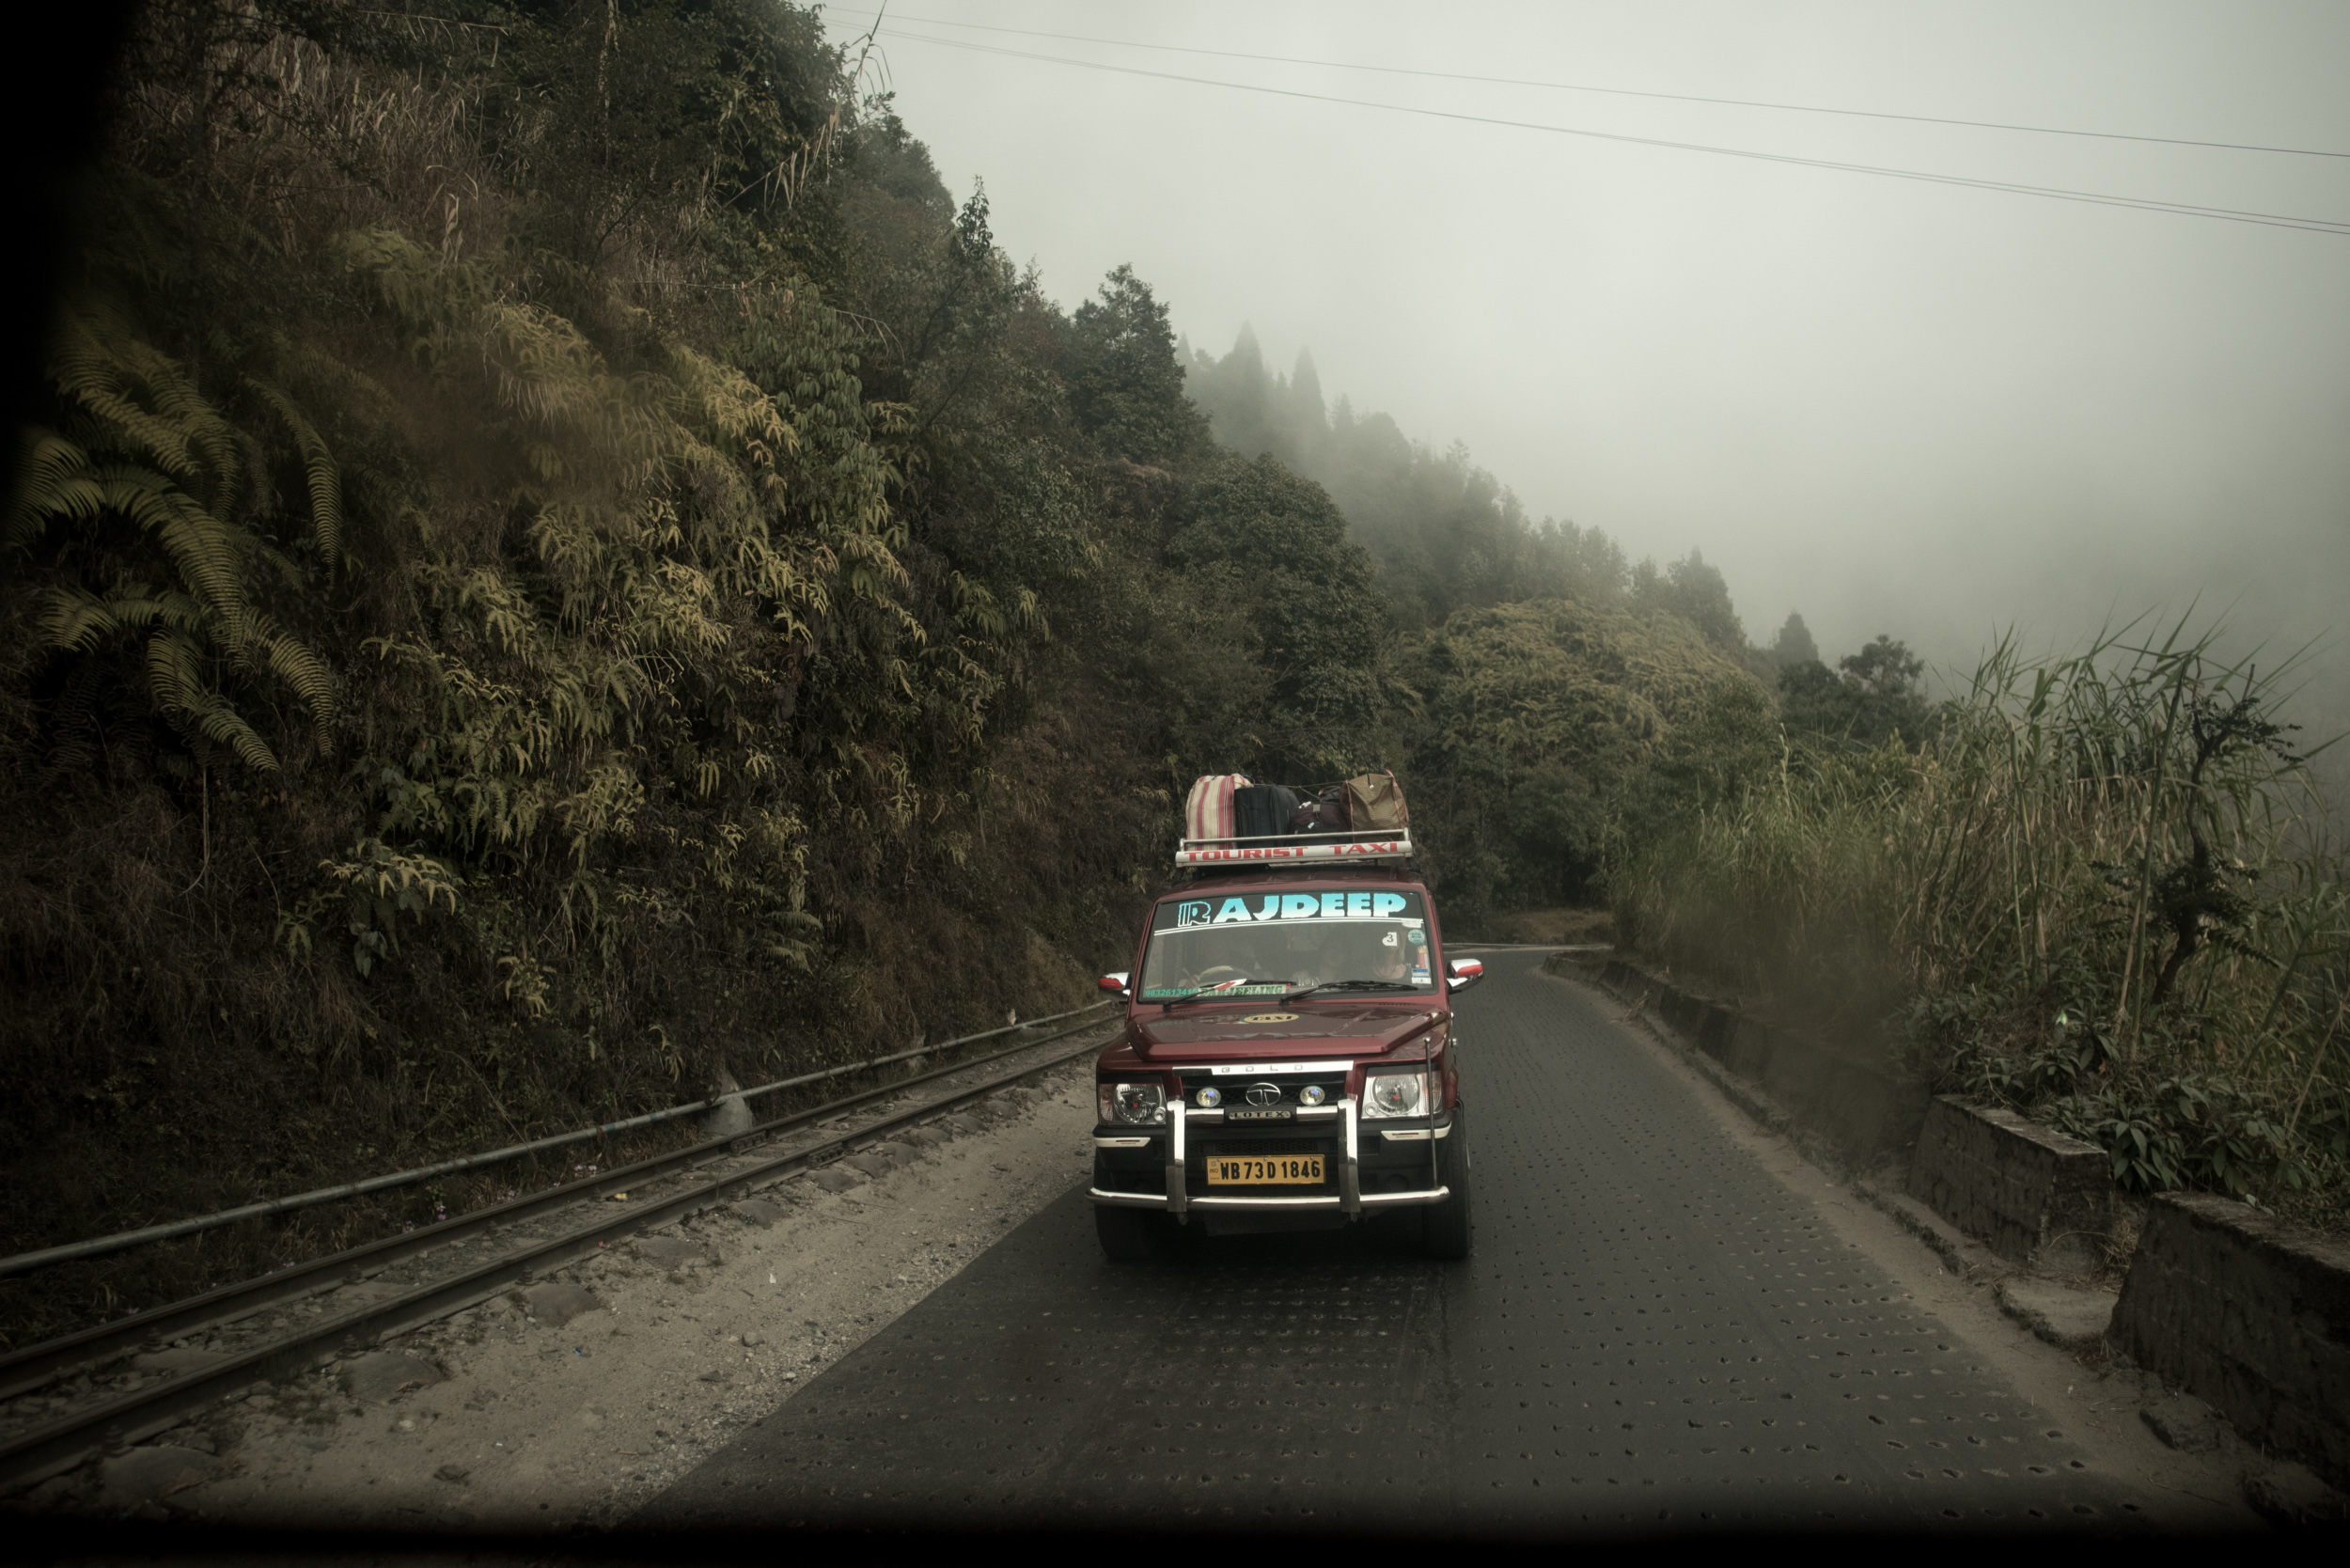 darjeeling_04_7454.jpg